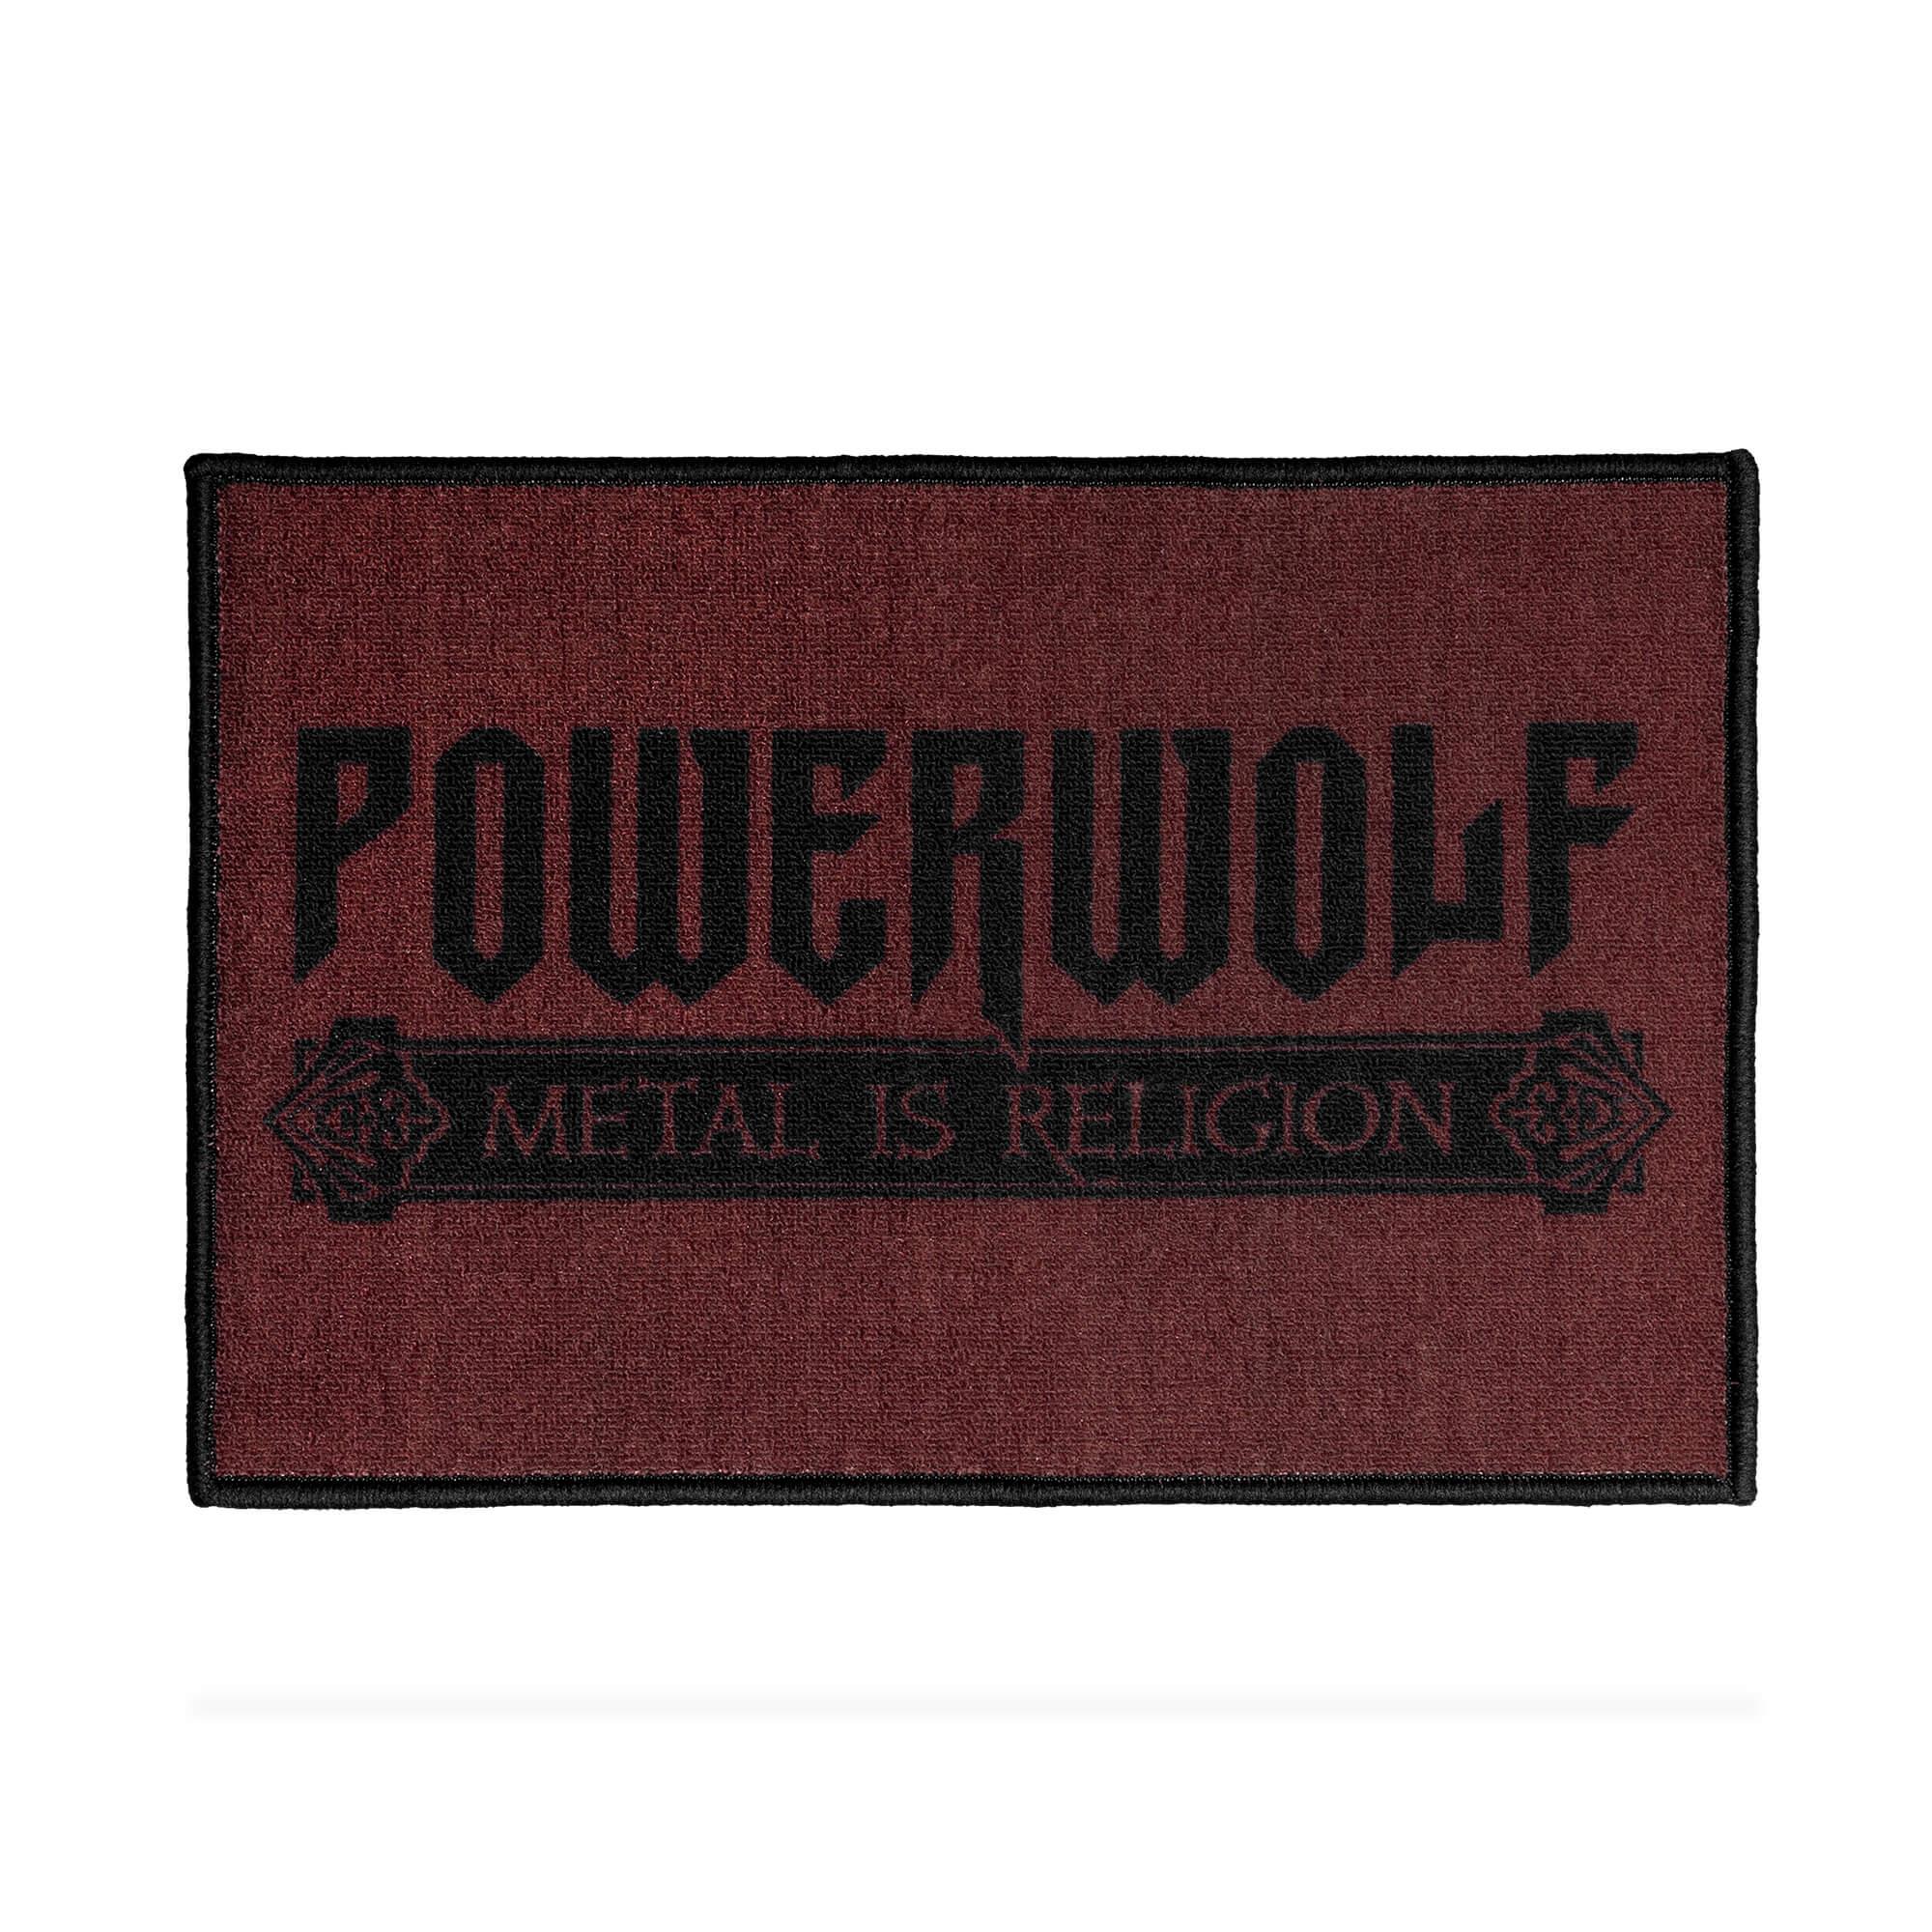 official POWERWOLF shop.